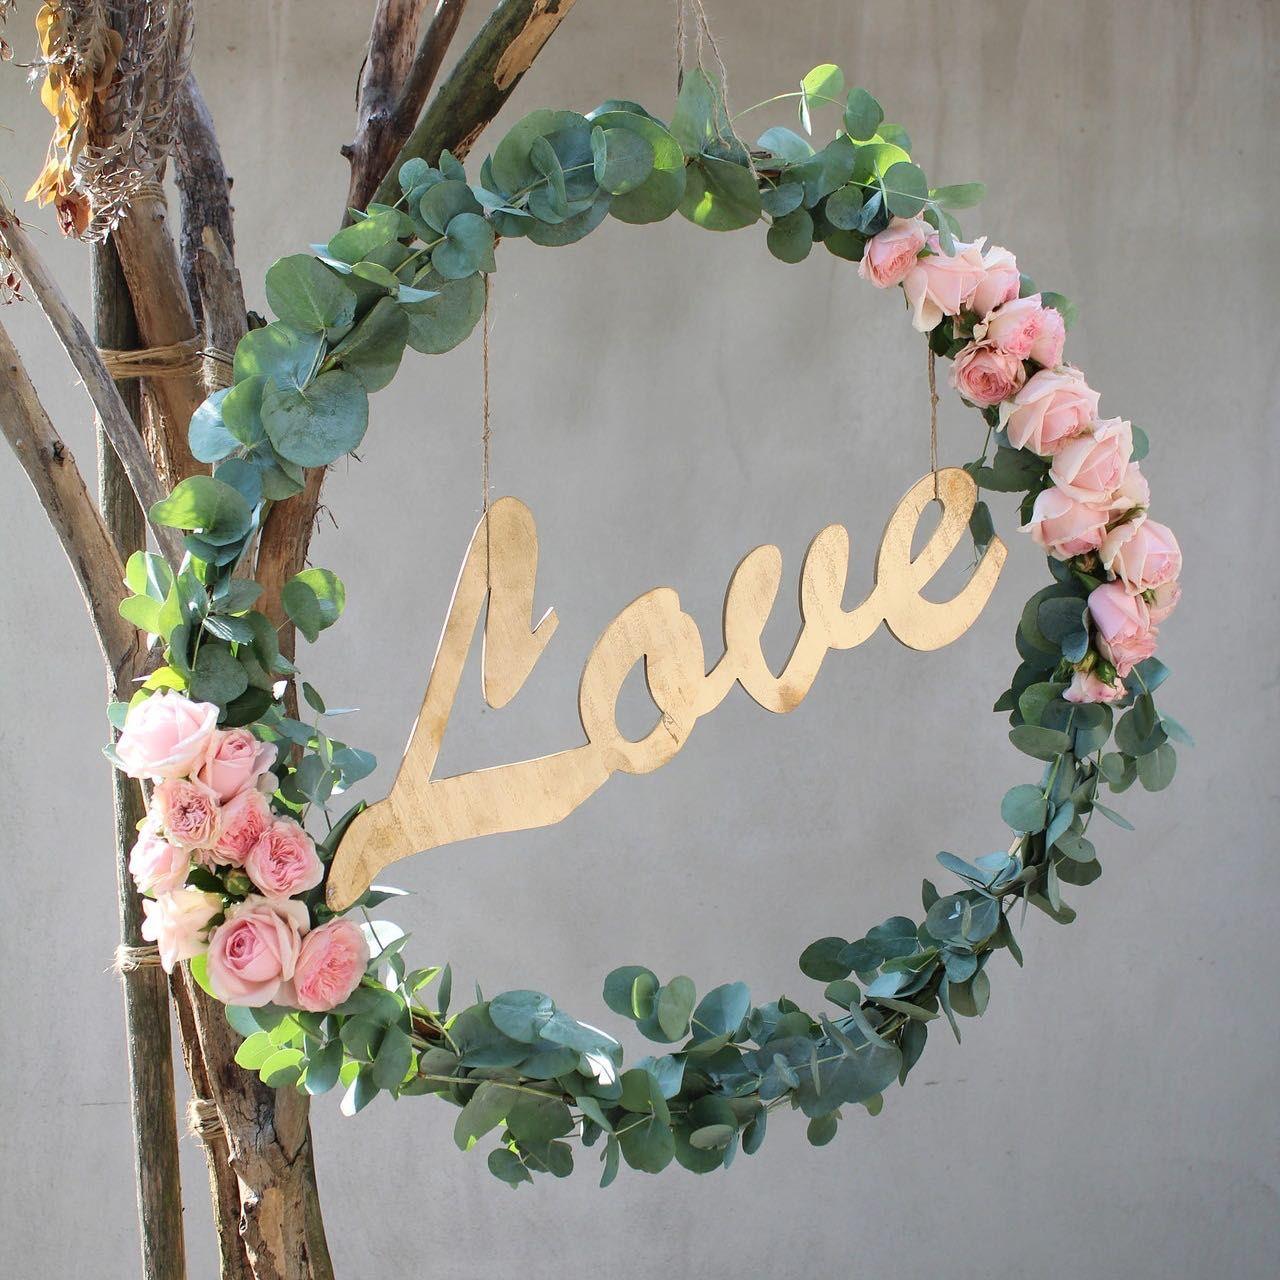 139 Ideen für eure Hochzeitsdeko - Die schönsten Inspirationen von der Trauung bis zur Tischdeko #garlandofflowers